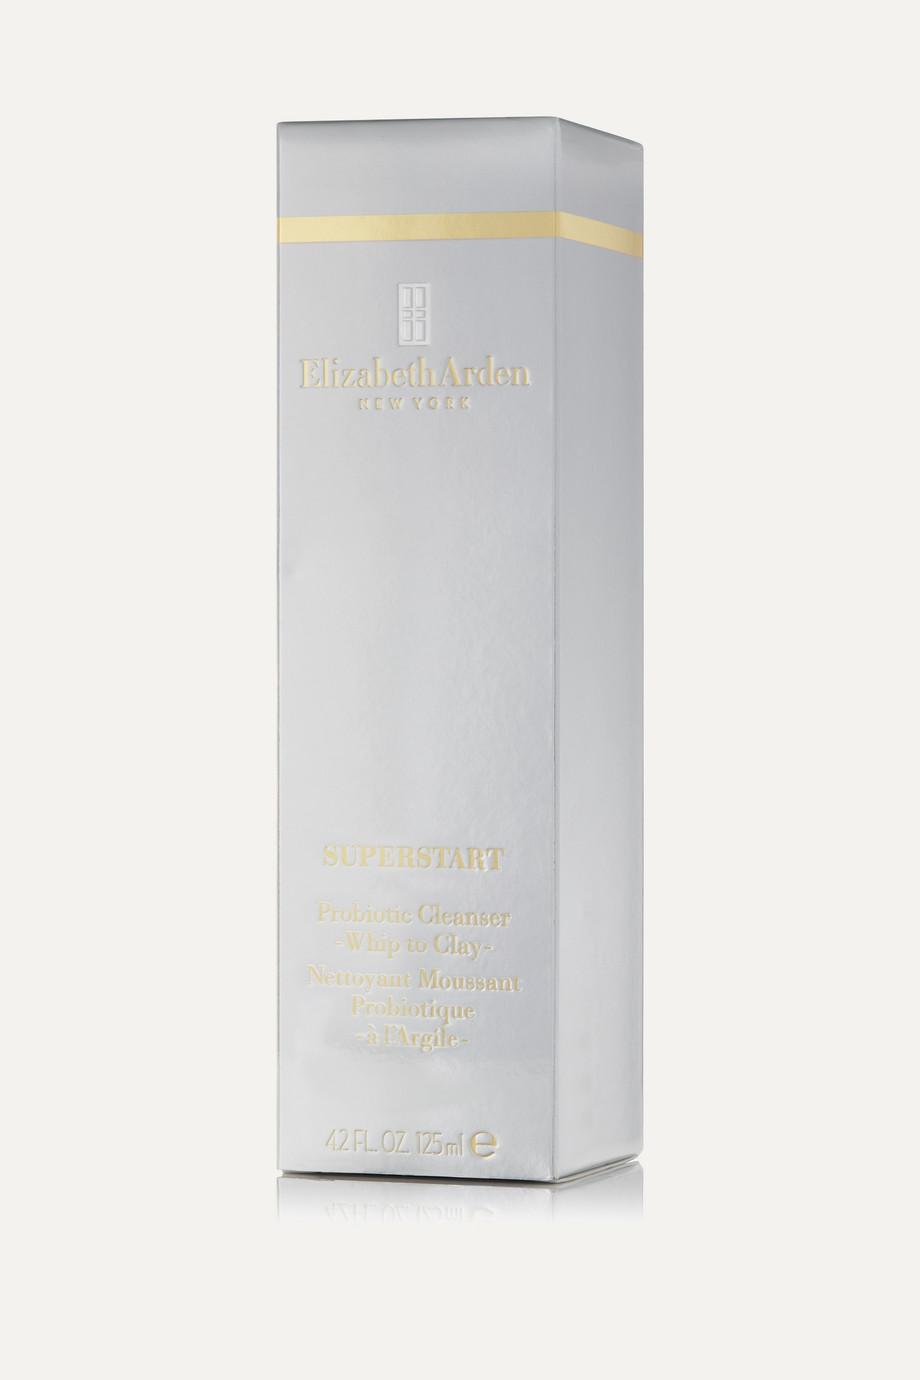 Elizabeth Arden Superstart Probiotic Cleanser - Whip to Clay, 125ml